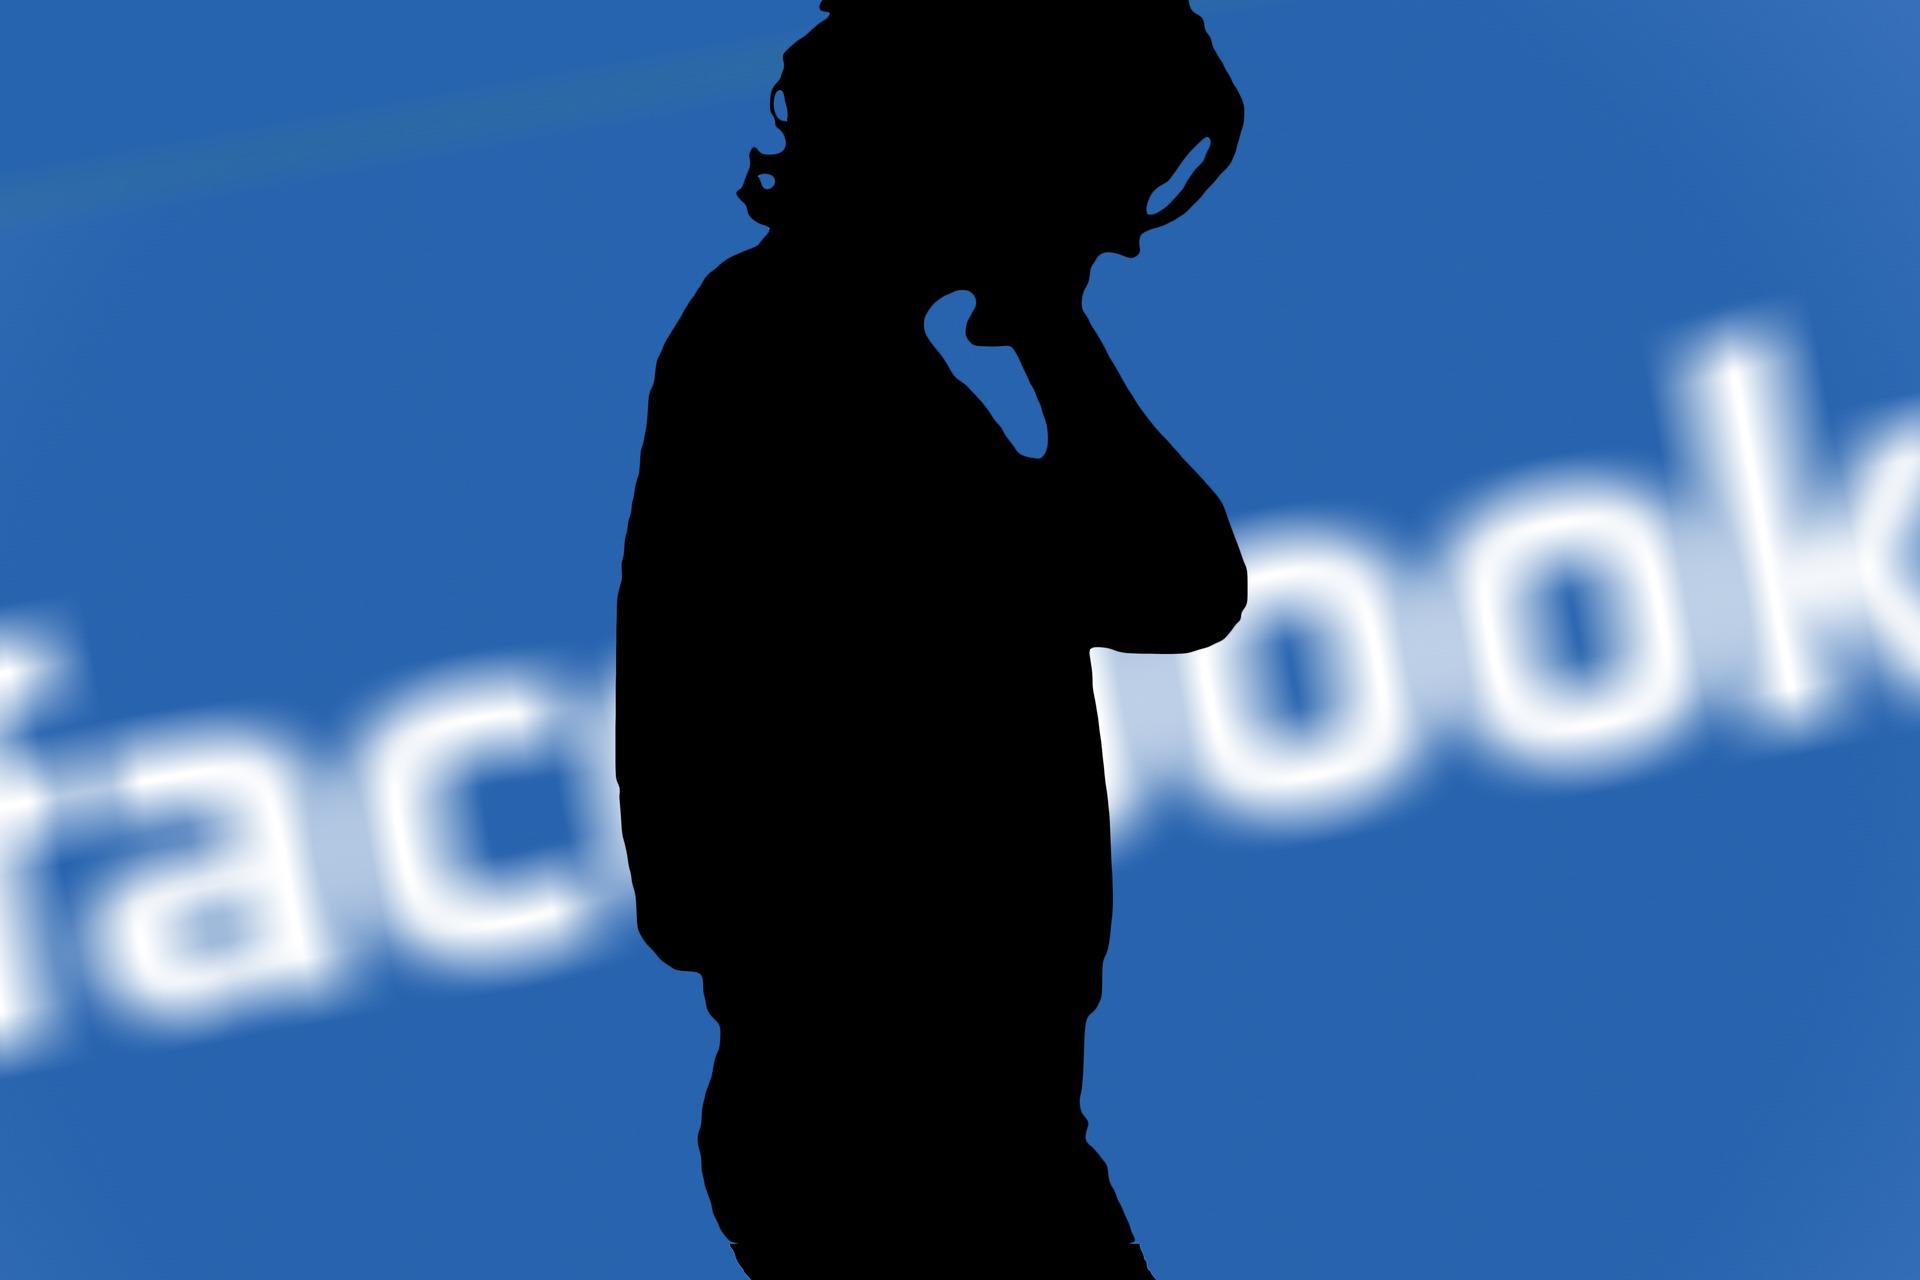 Obrázek: Facebooku unikla data 1,3 milionu českých uživatelů: Hackeři mají e-maily i telefonní čísla